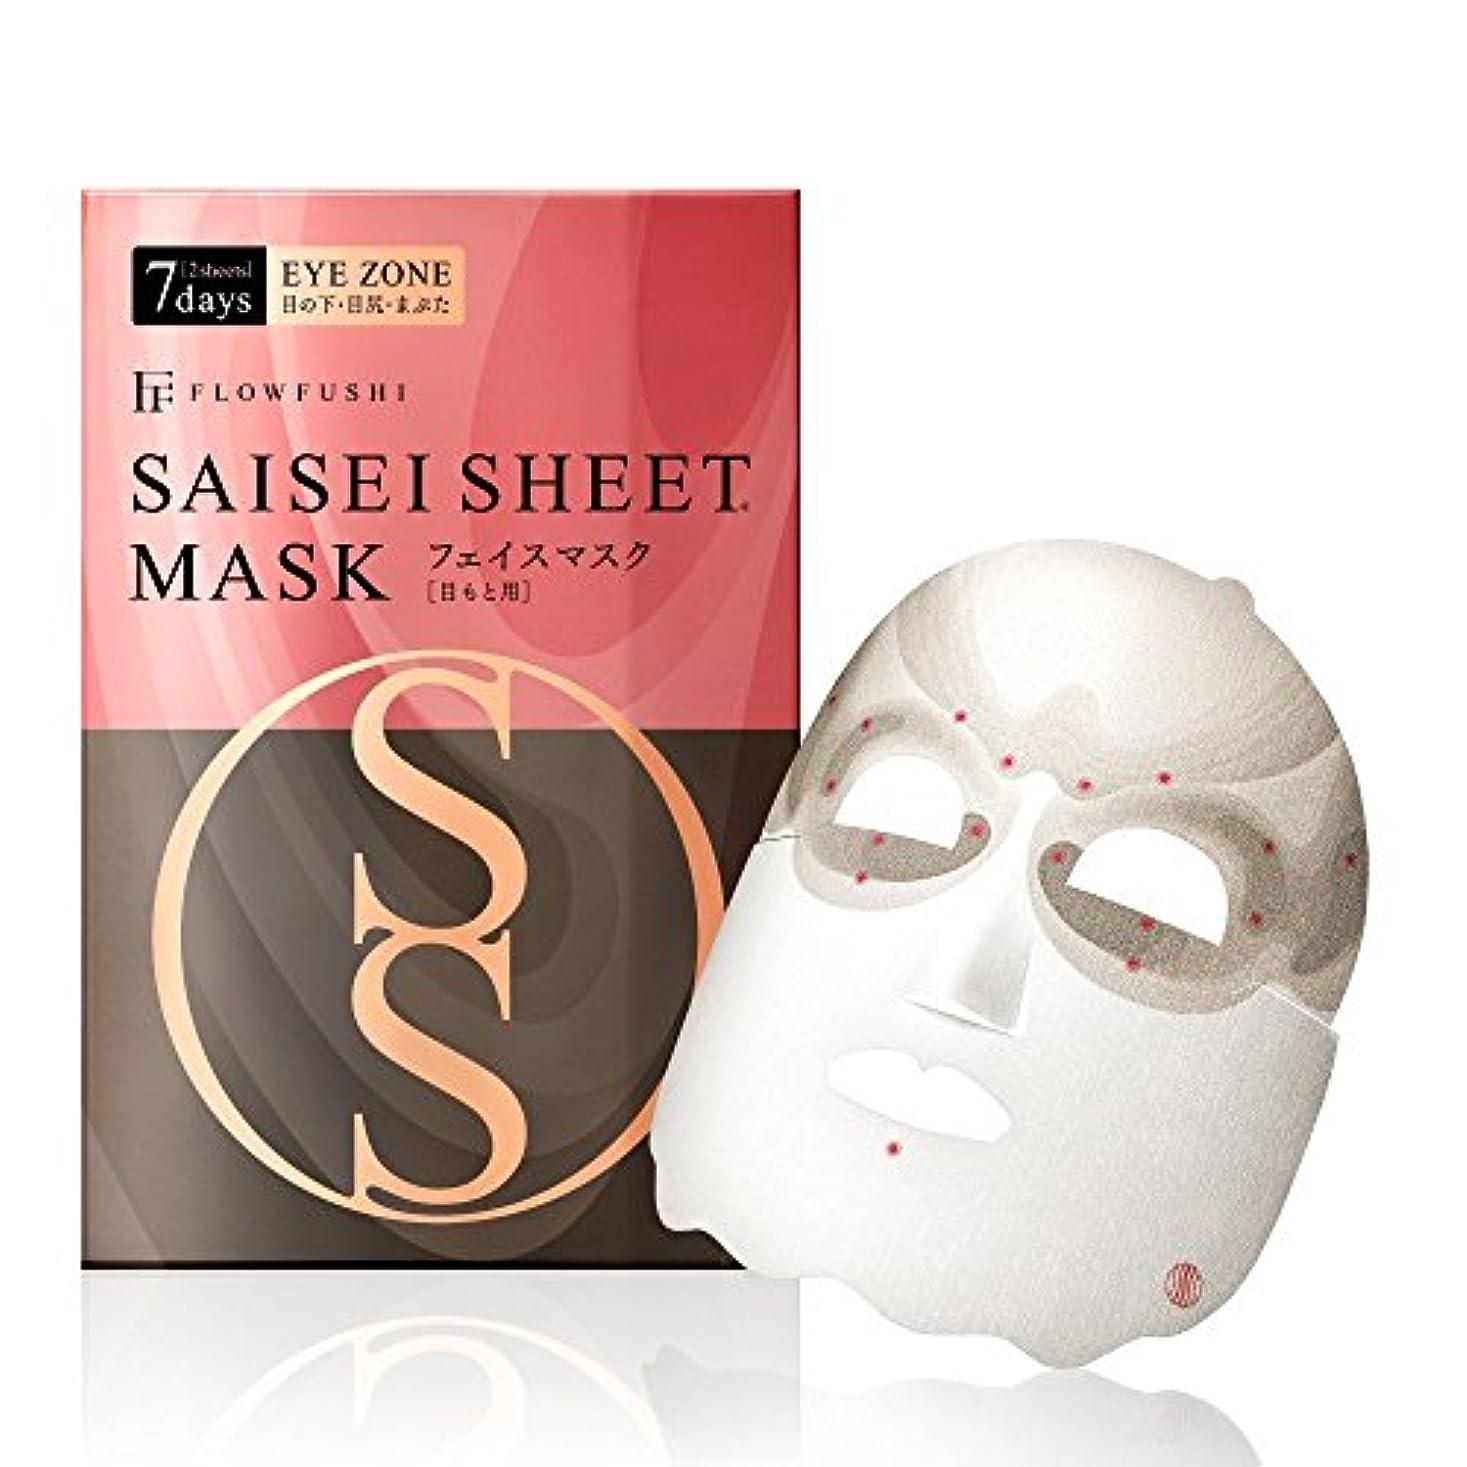 最高ワット市町村SAISEIシート マスク [目もと用] 7days 2sheets